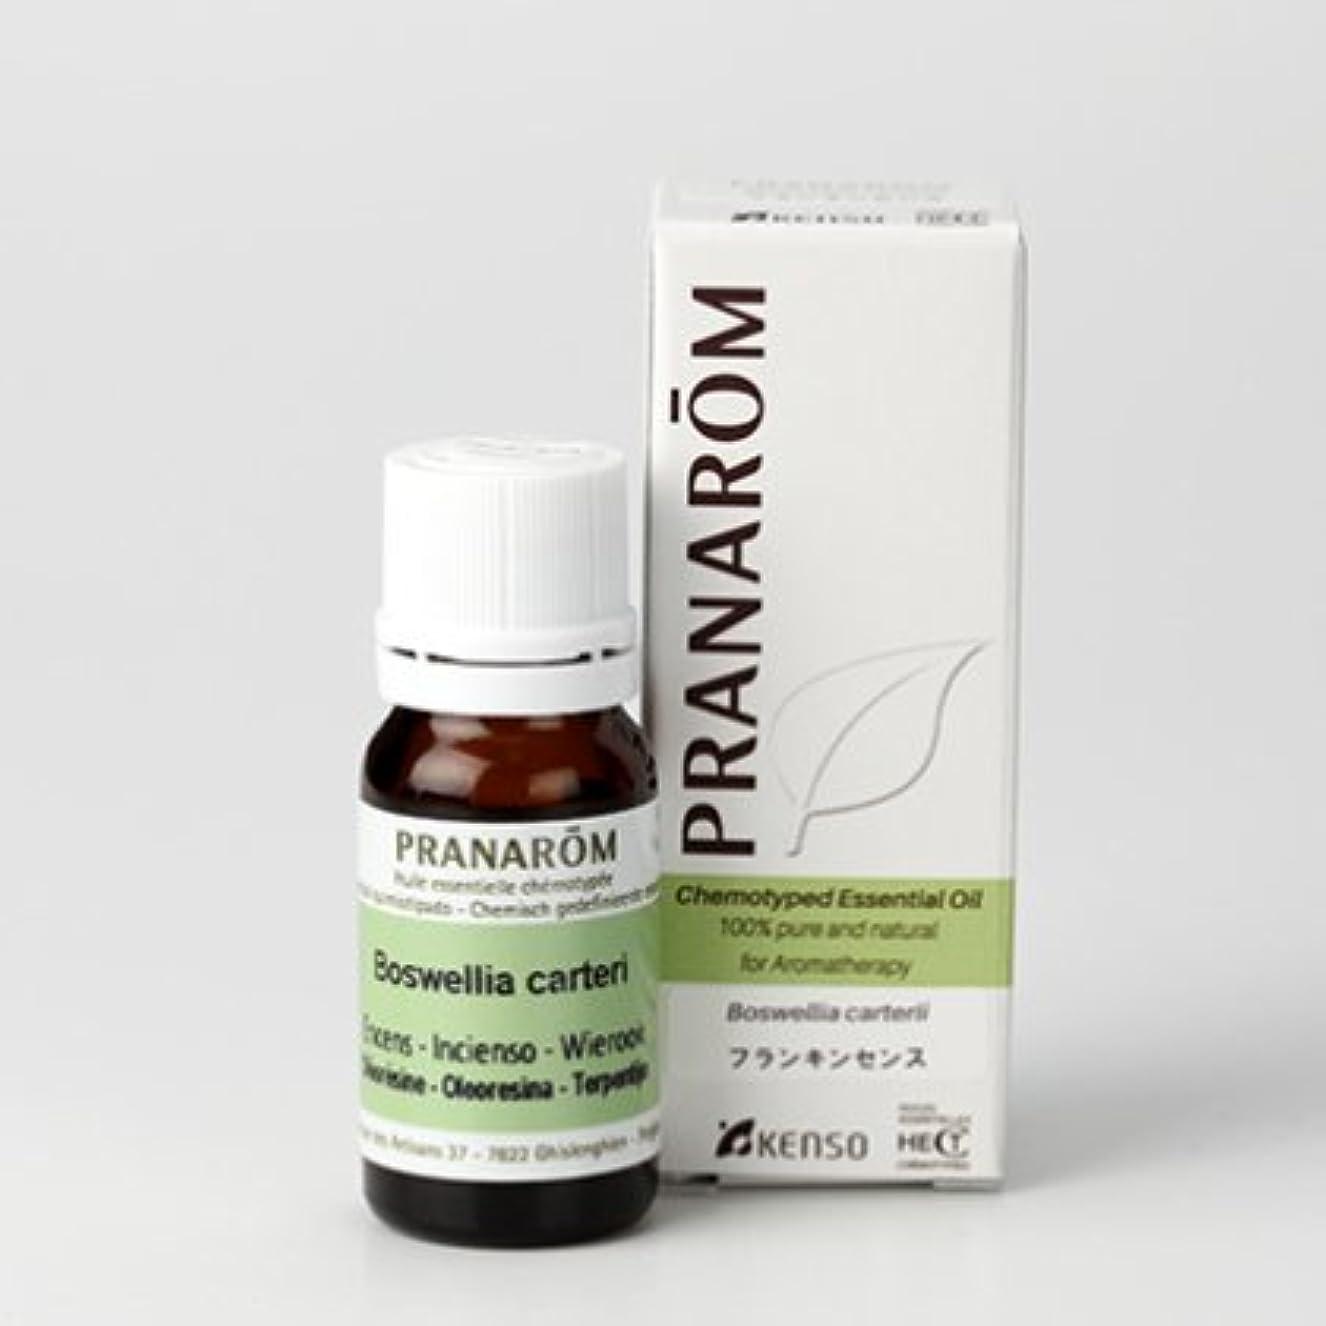 不公平野菜アドバイスフランキンセンス 10mlミドルノート プラナロム社エッセンシャルオイル(精油)